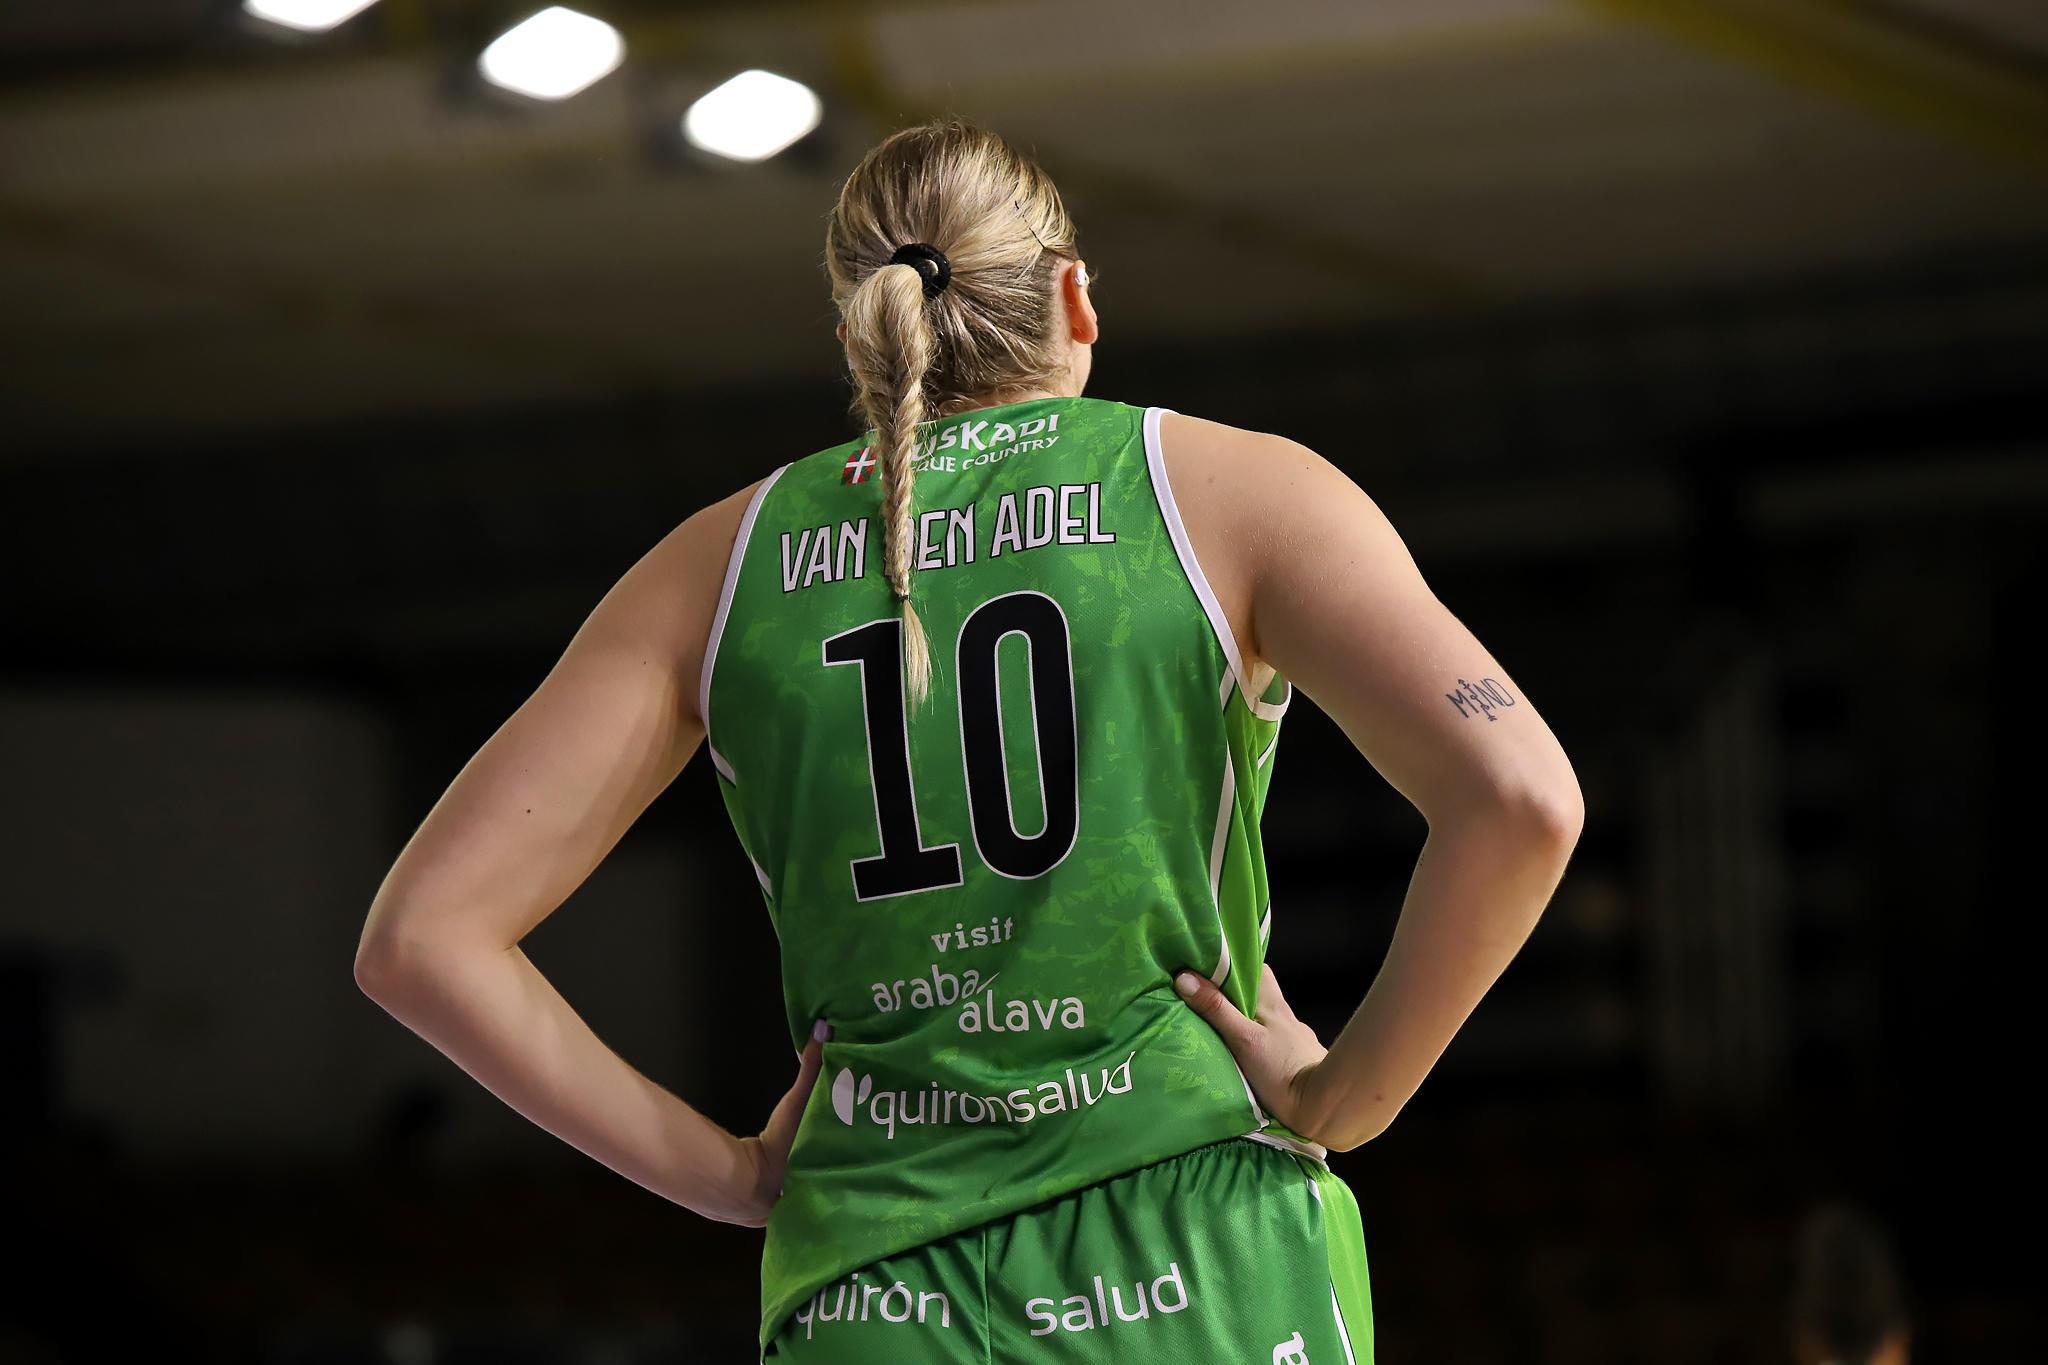 Natalie Van Den Adel. Foto: Ekaitz Otxoa